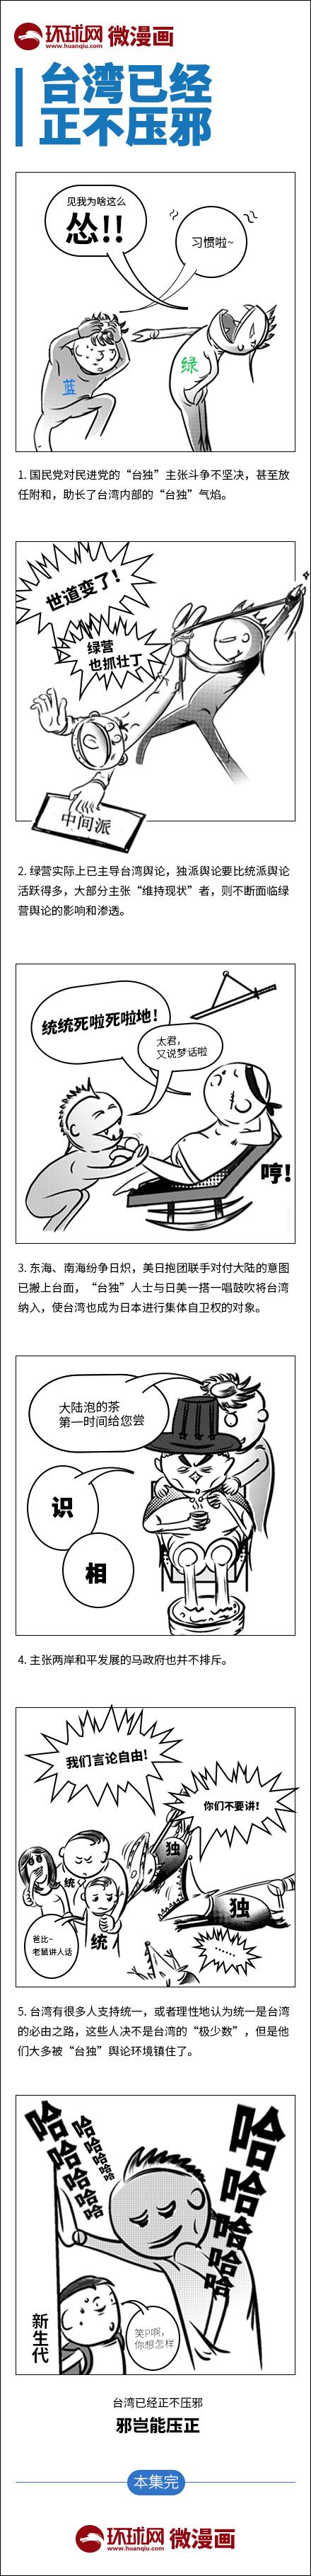 台湾已经邪不压正(图)